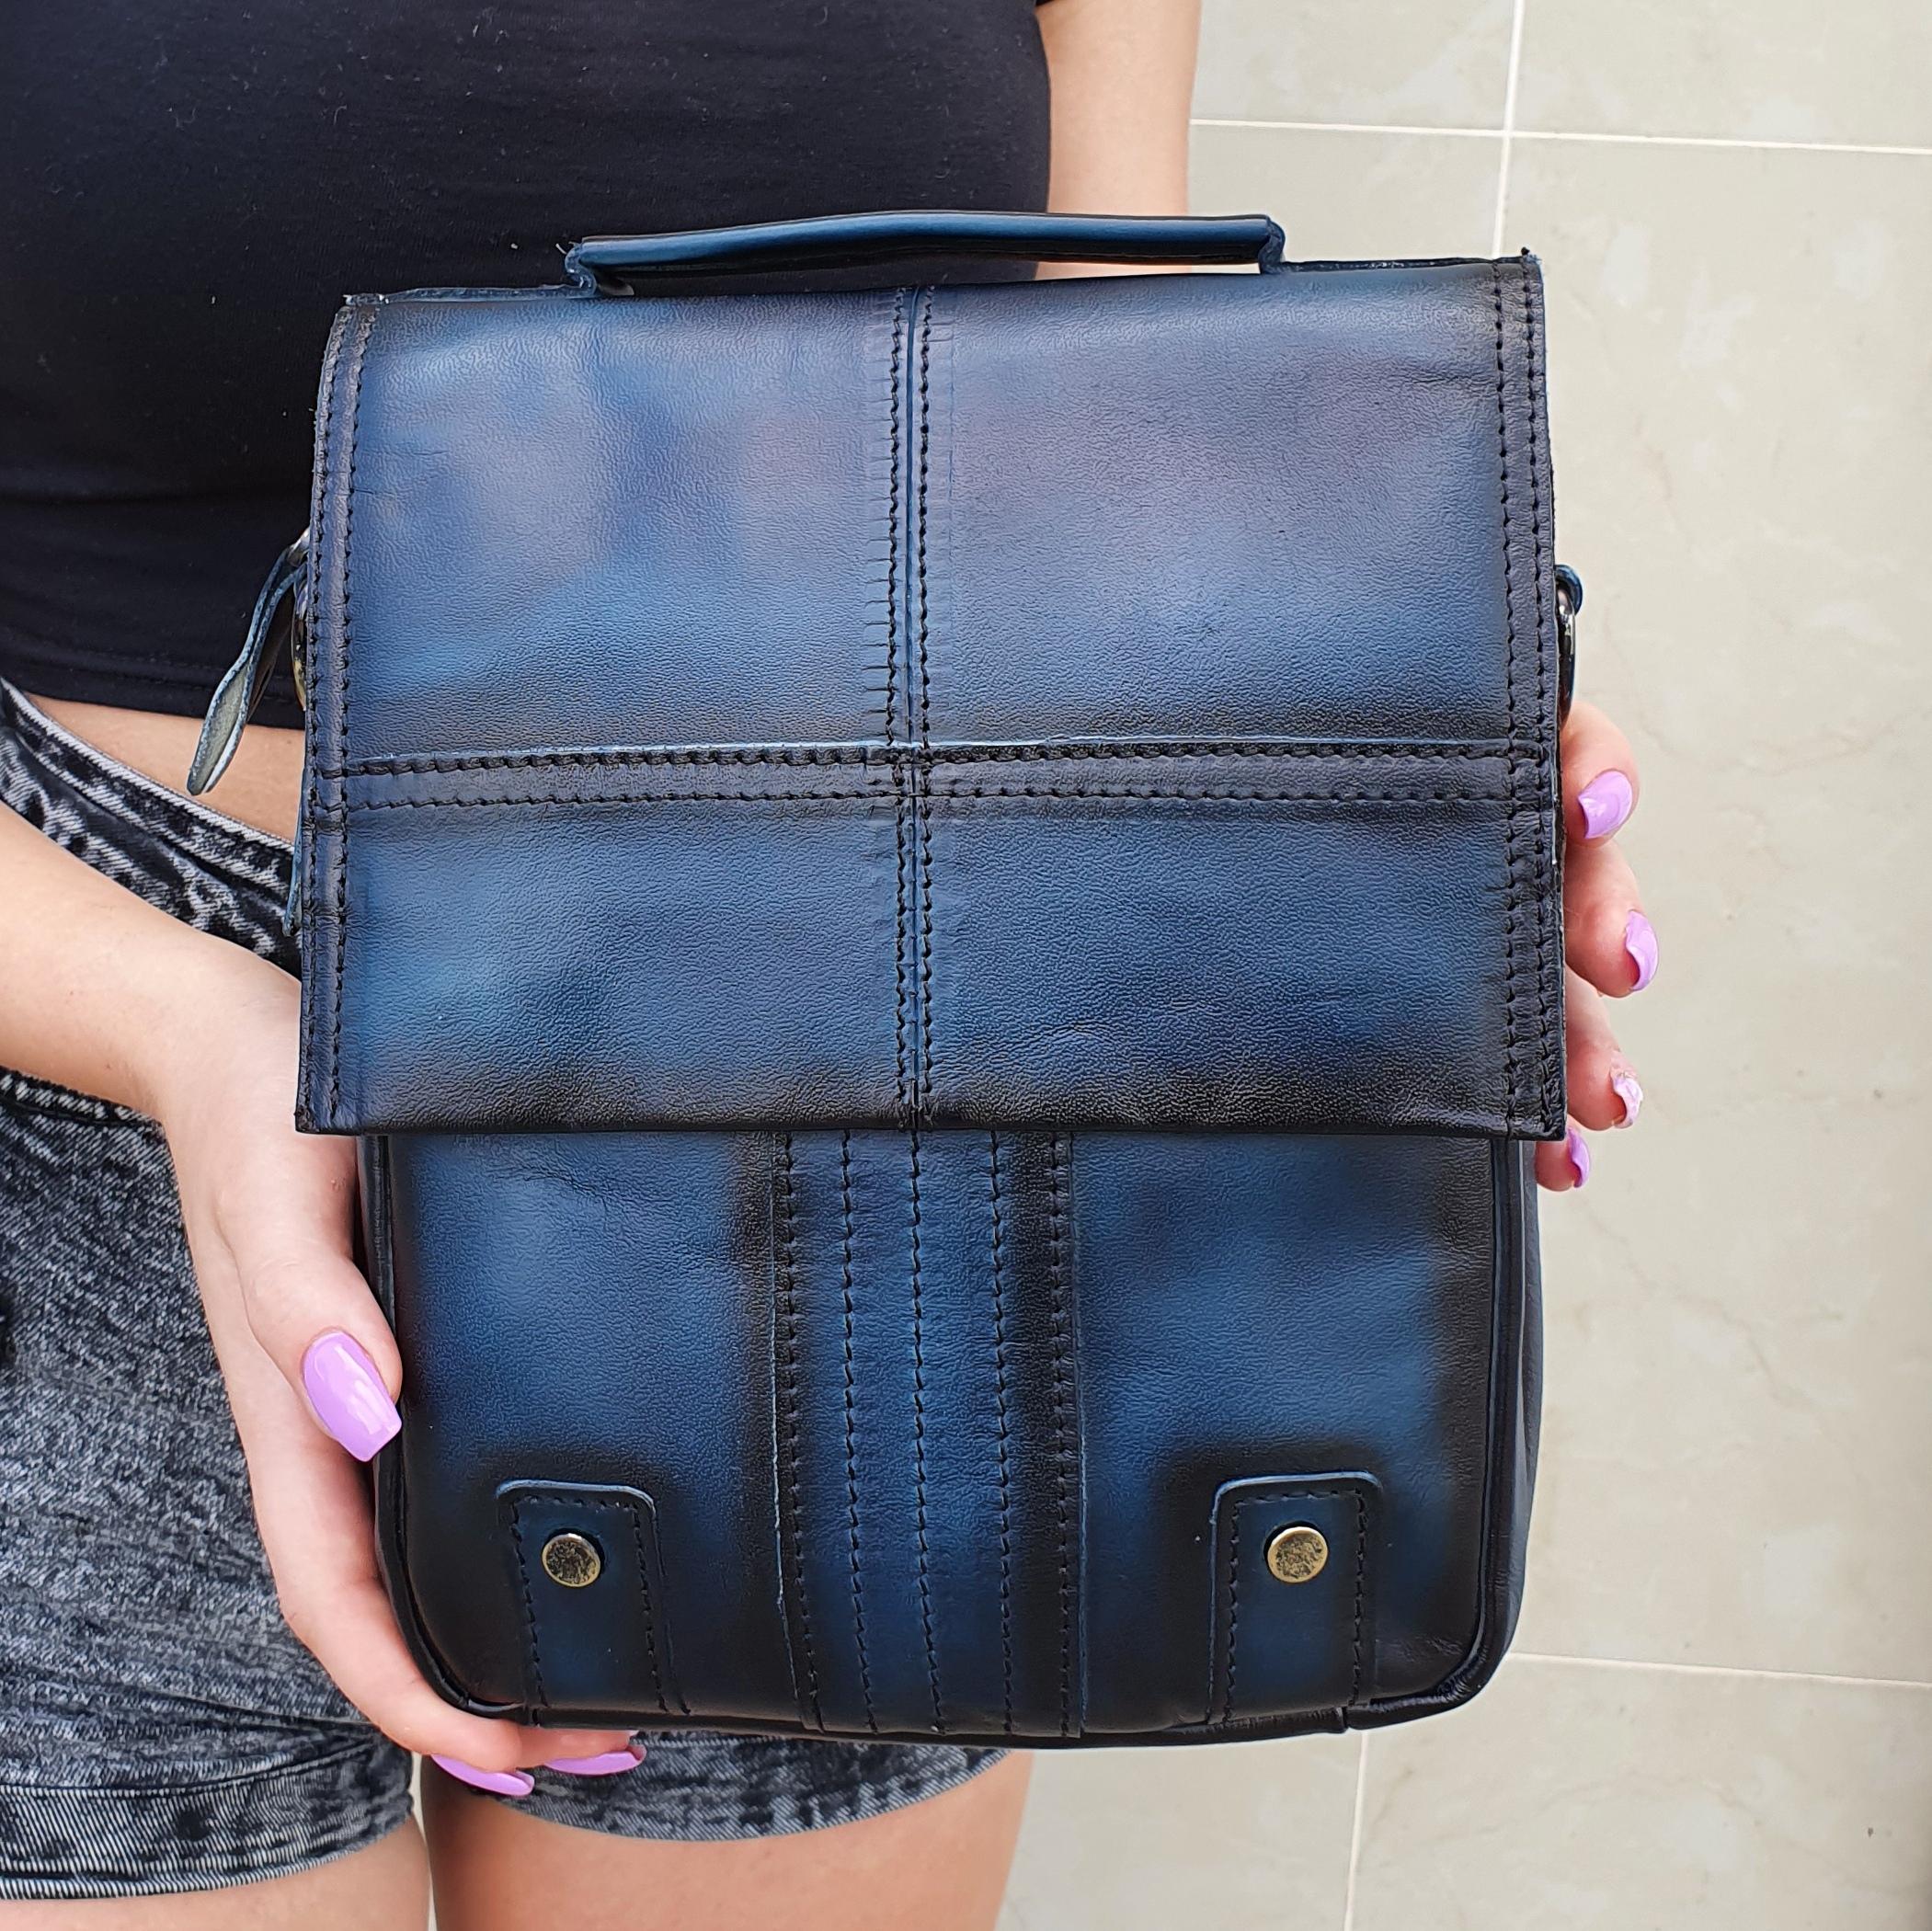 Синяя мужская сумка «Westal» в винтажном стиле из натуральной кожи купить. Цена 1990 грн